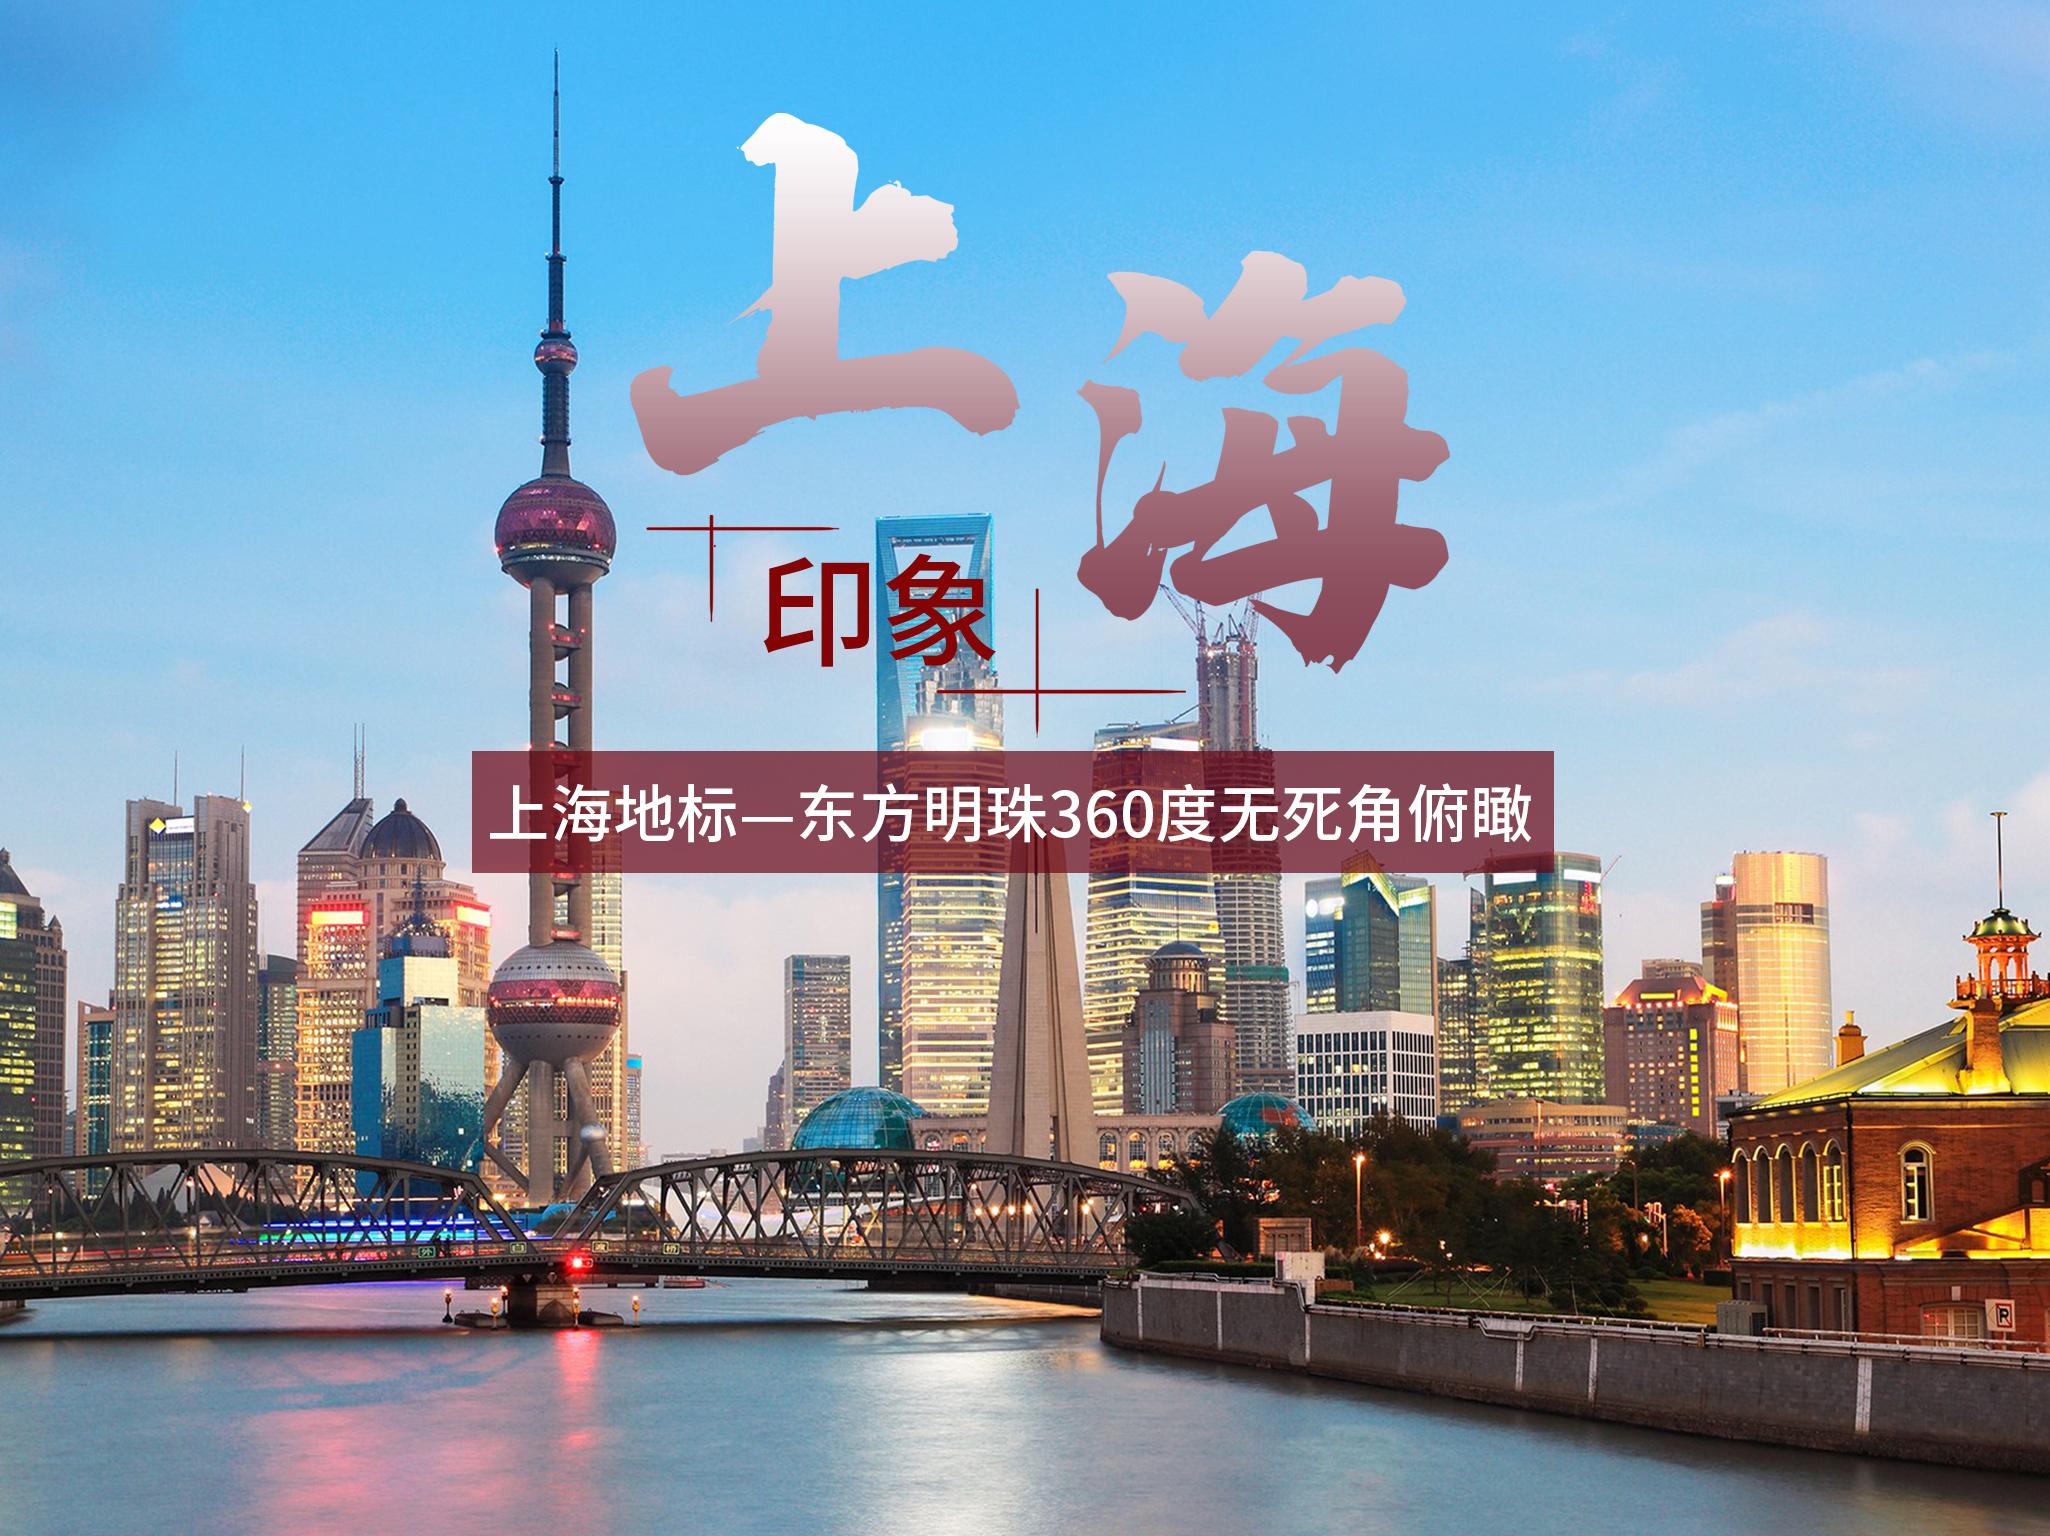 杭州出发上海一日游东方明珠城隍庙南京路步行街0购物纯玩跟团游